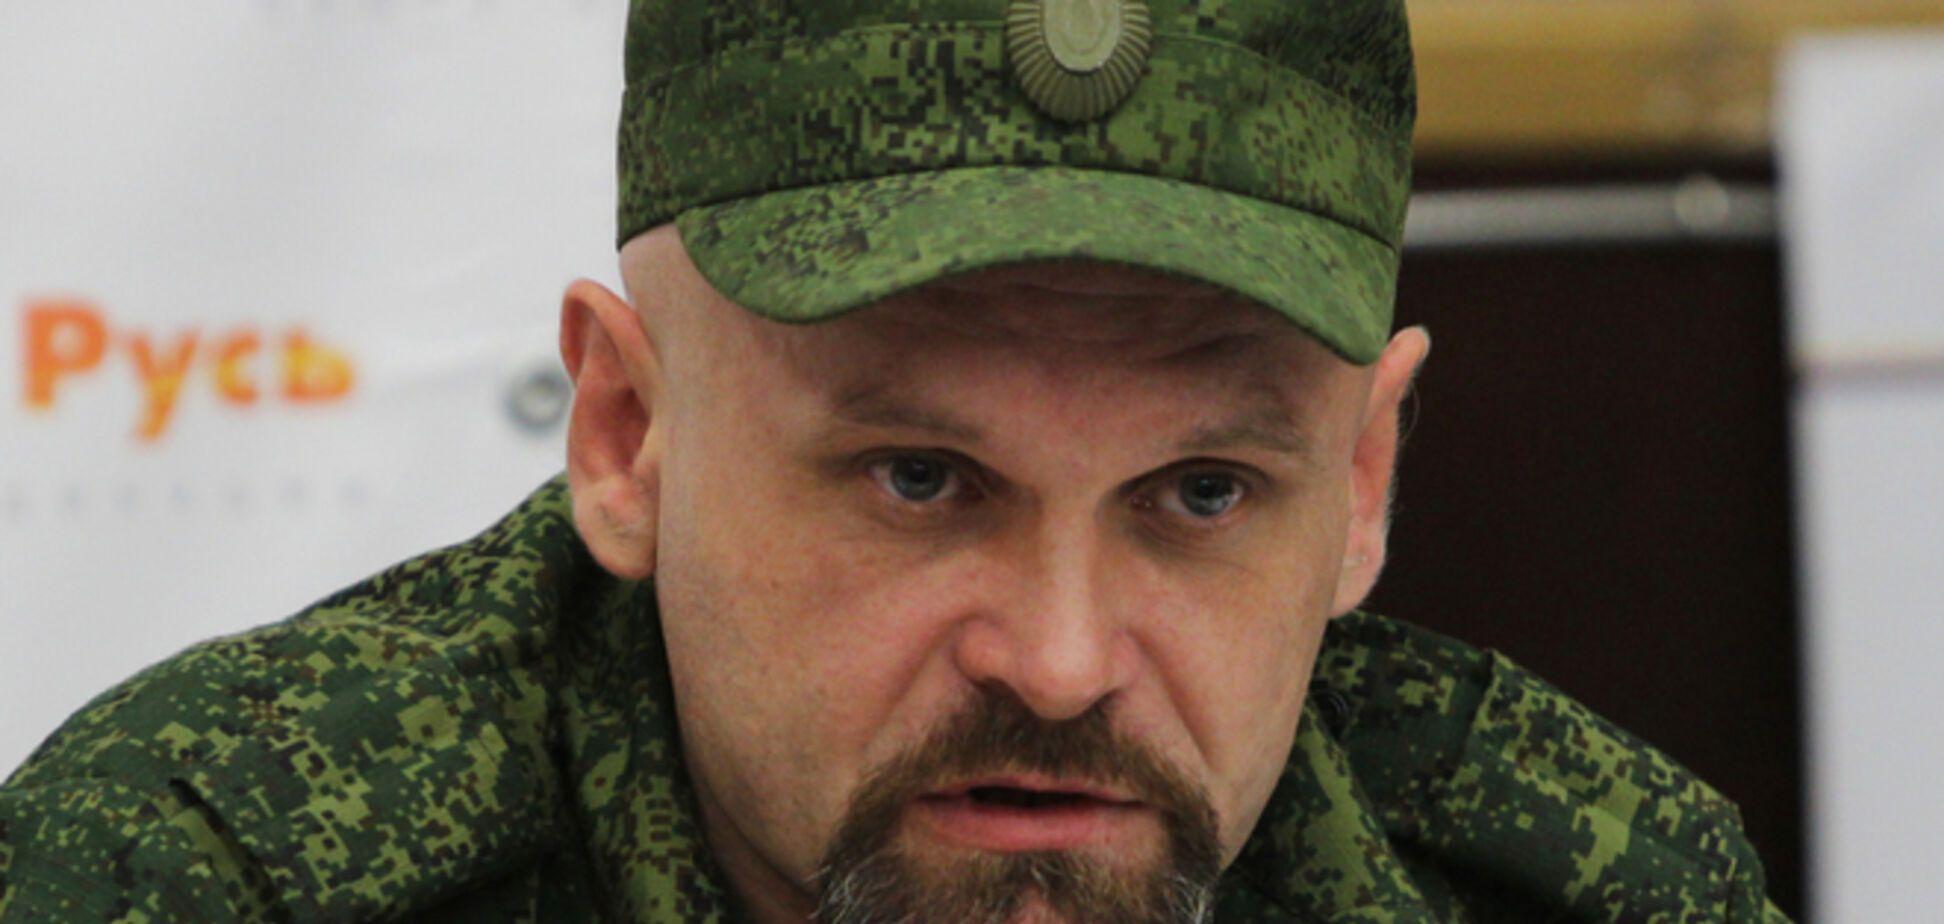 Террорист Мозговой рассказал о 'народном суде', который приговорил к смерти насильника